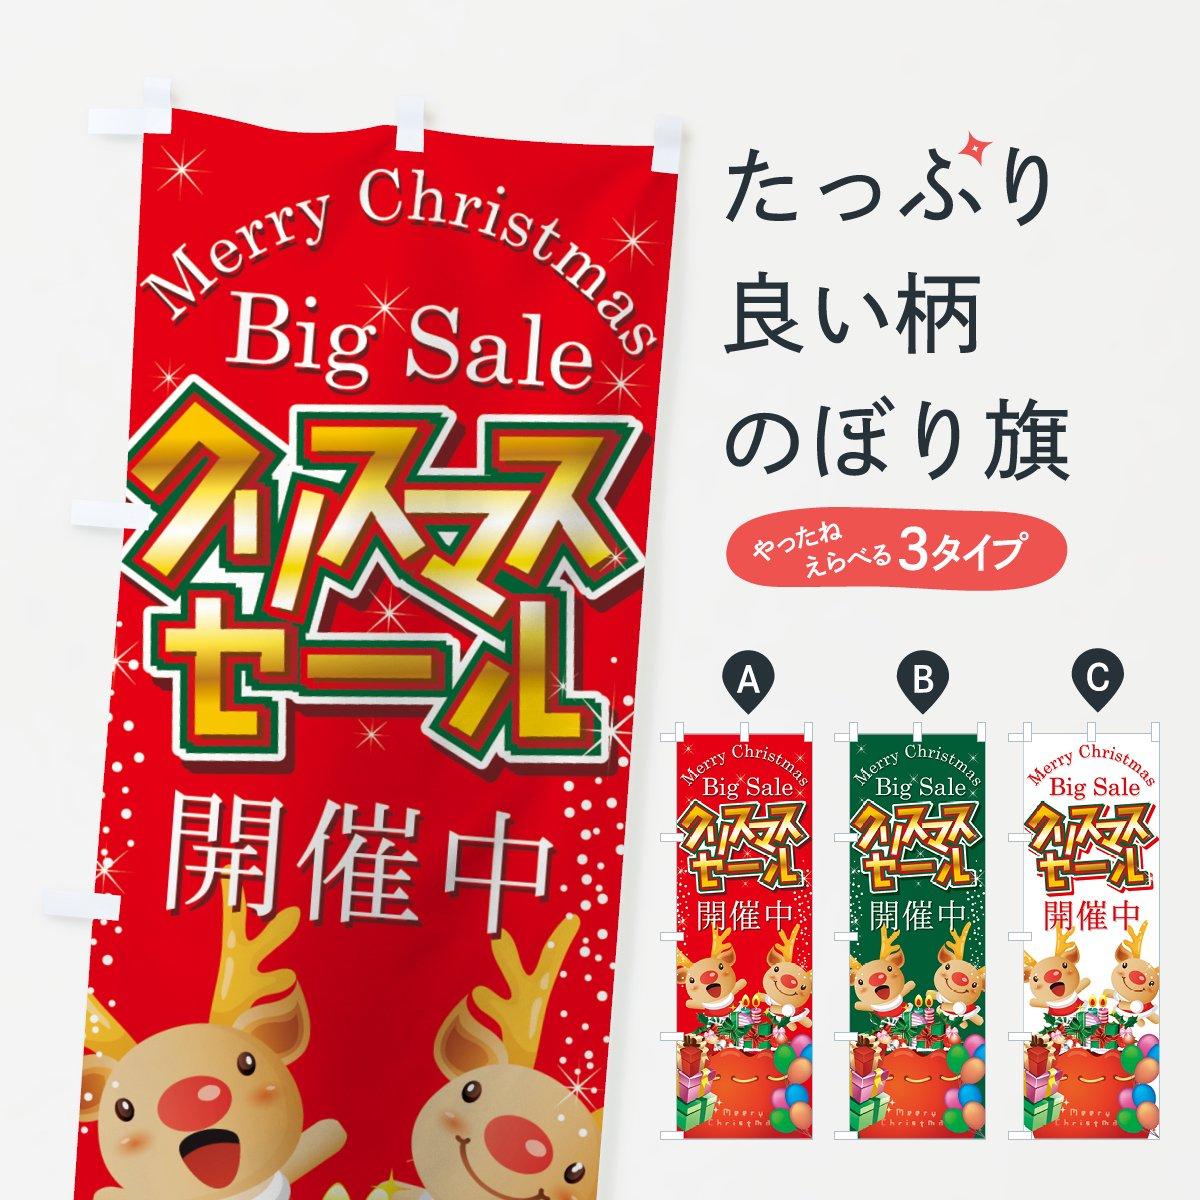 クリスマスセール開催中のぼり旗 Big Sale Merry Christmas